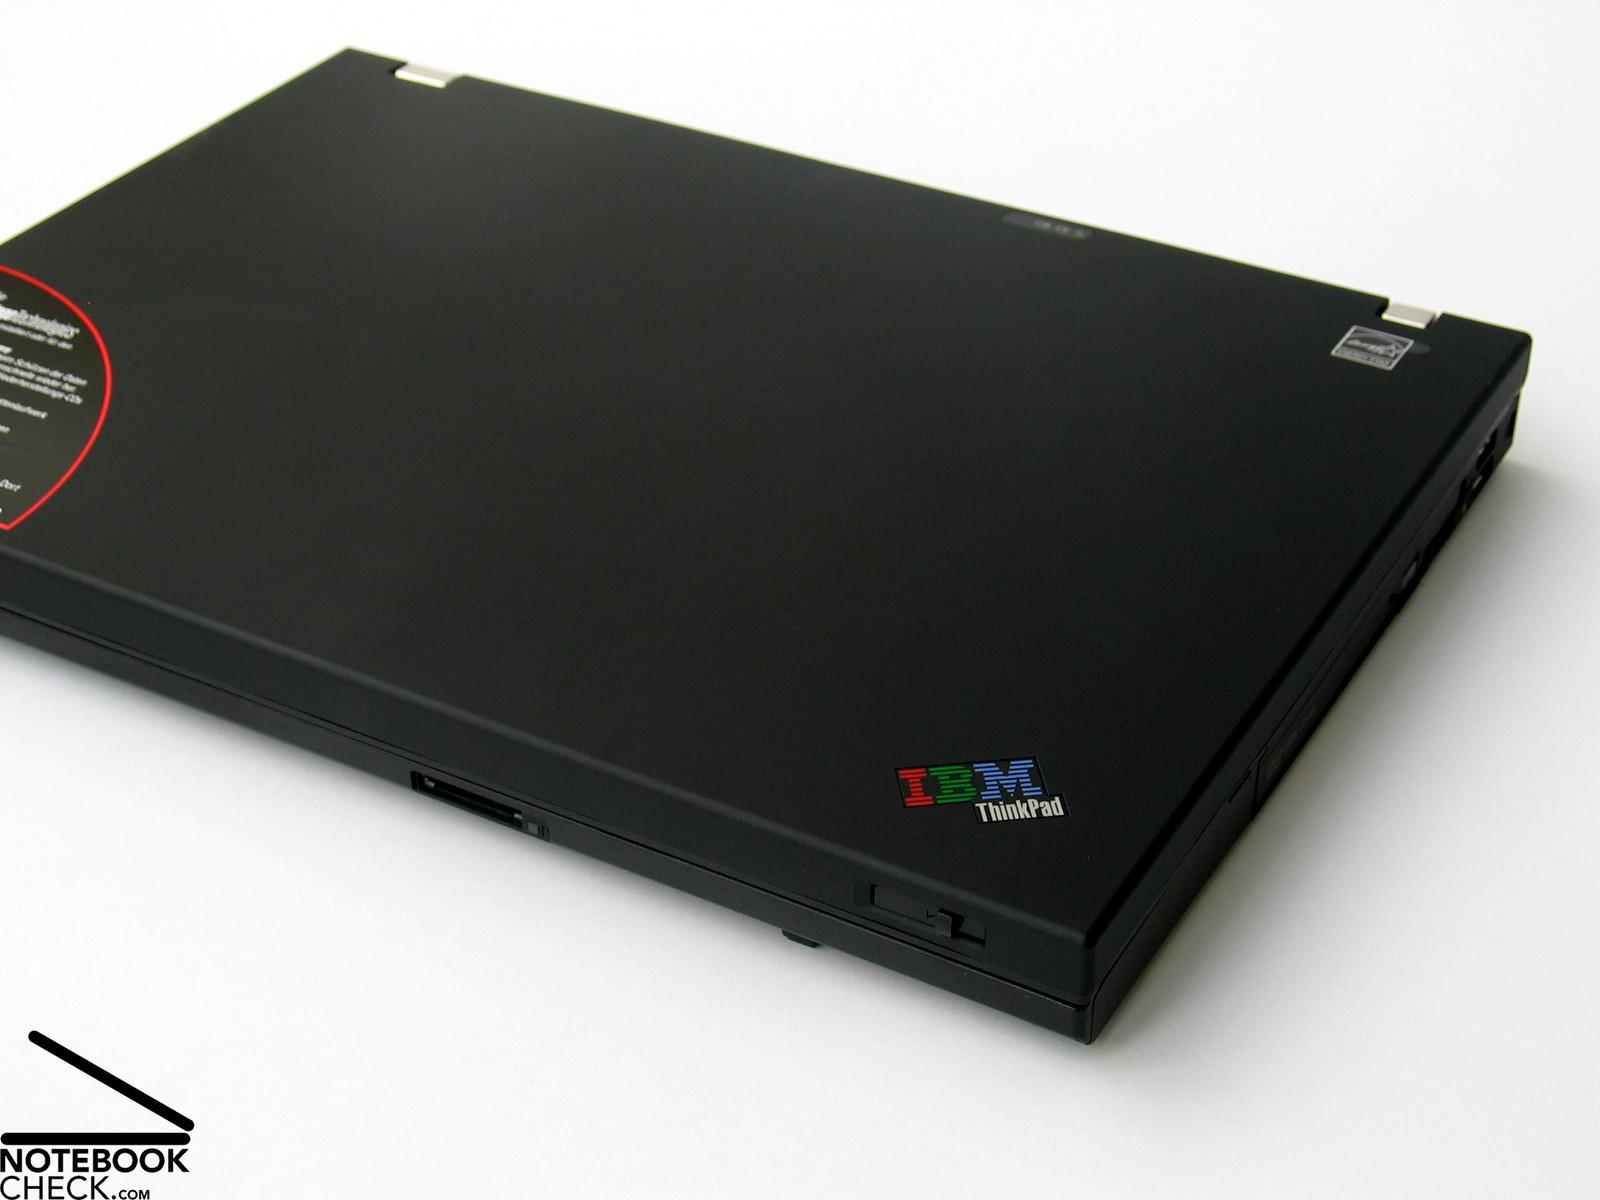 Lenovo t61 expresscard slot